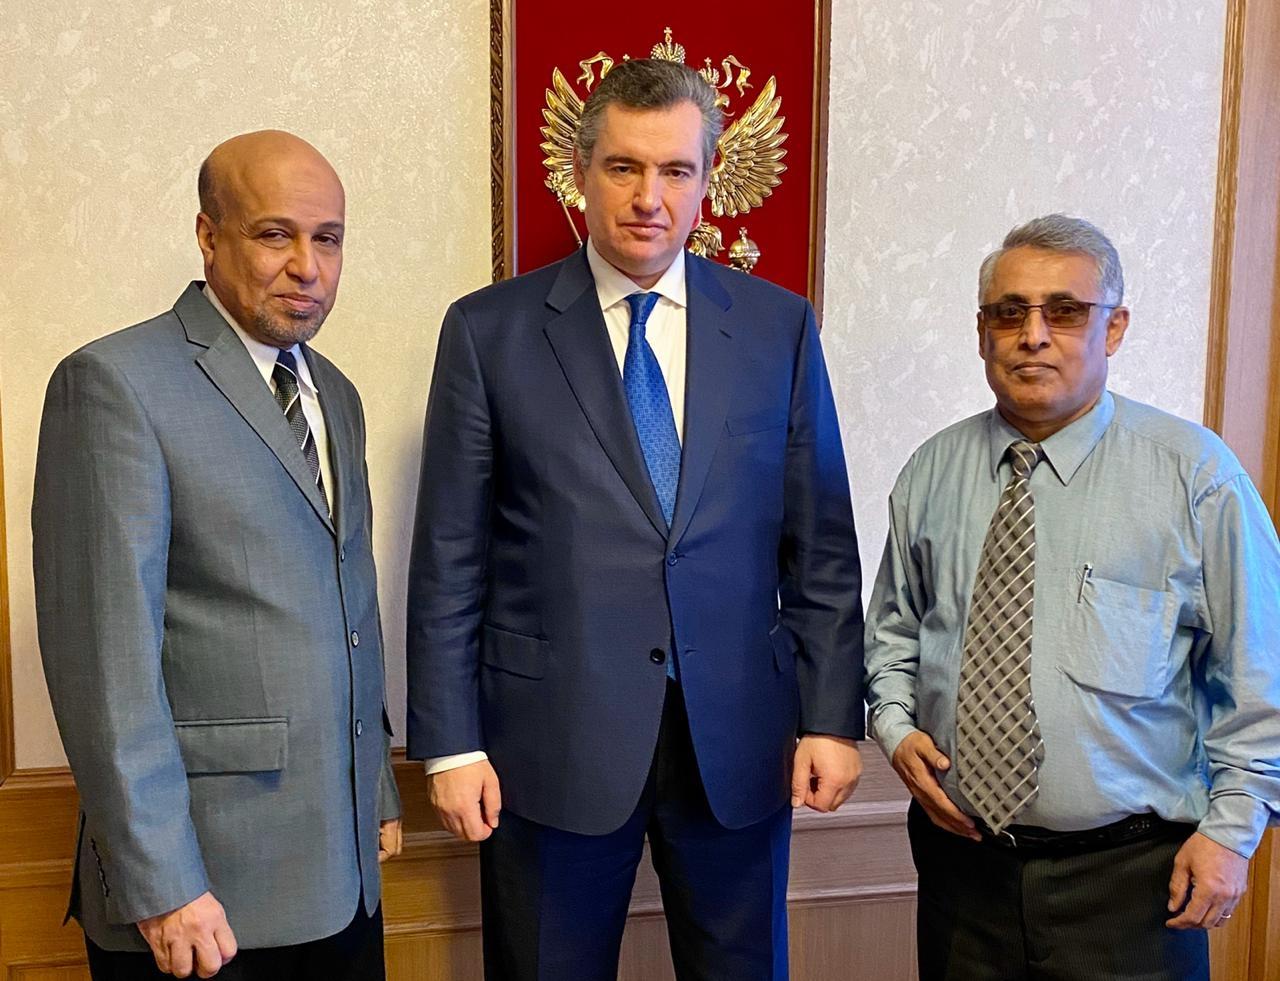 رئيس لجنة العلاقات الخارجية بمجلس النواب الروسي يتسلم رسالة خاصة من الرئيس الزُبيدي